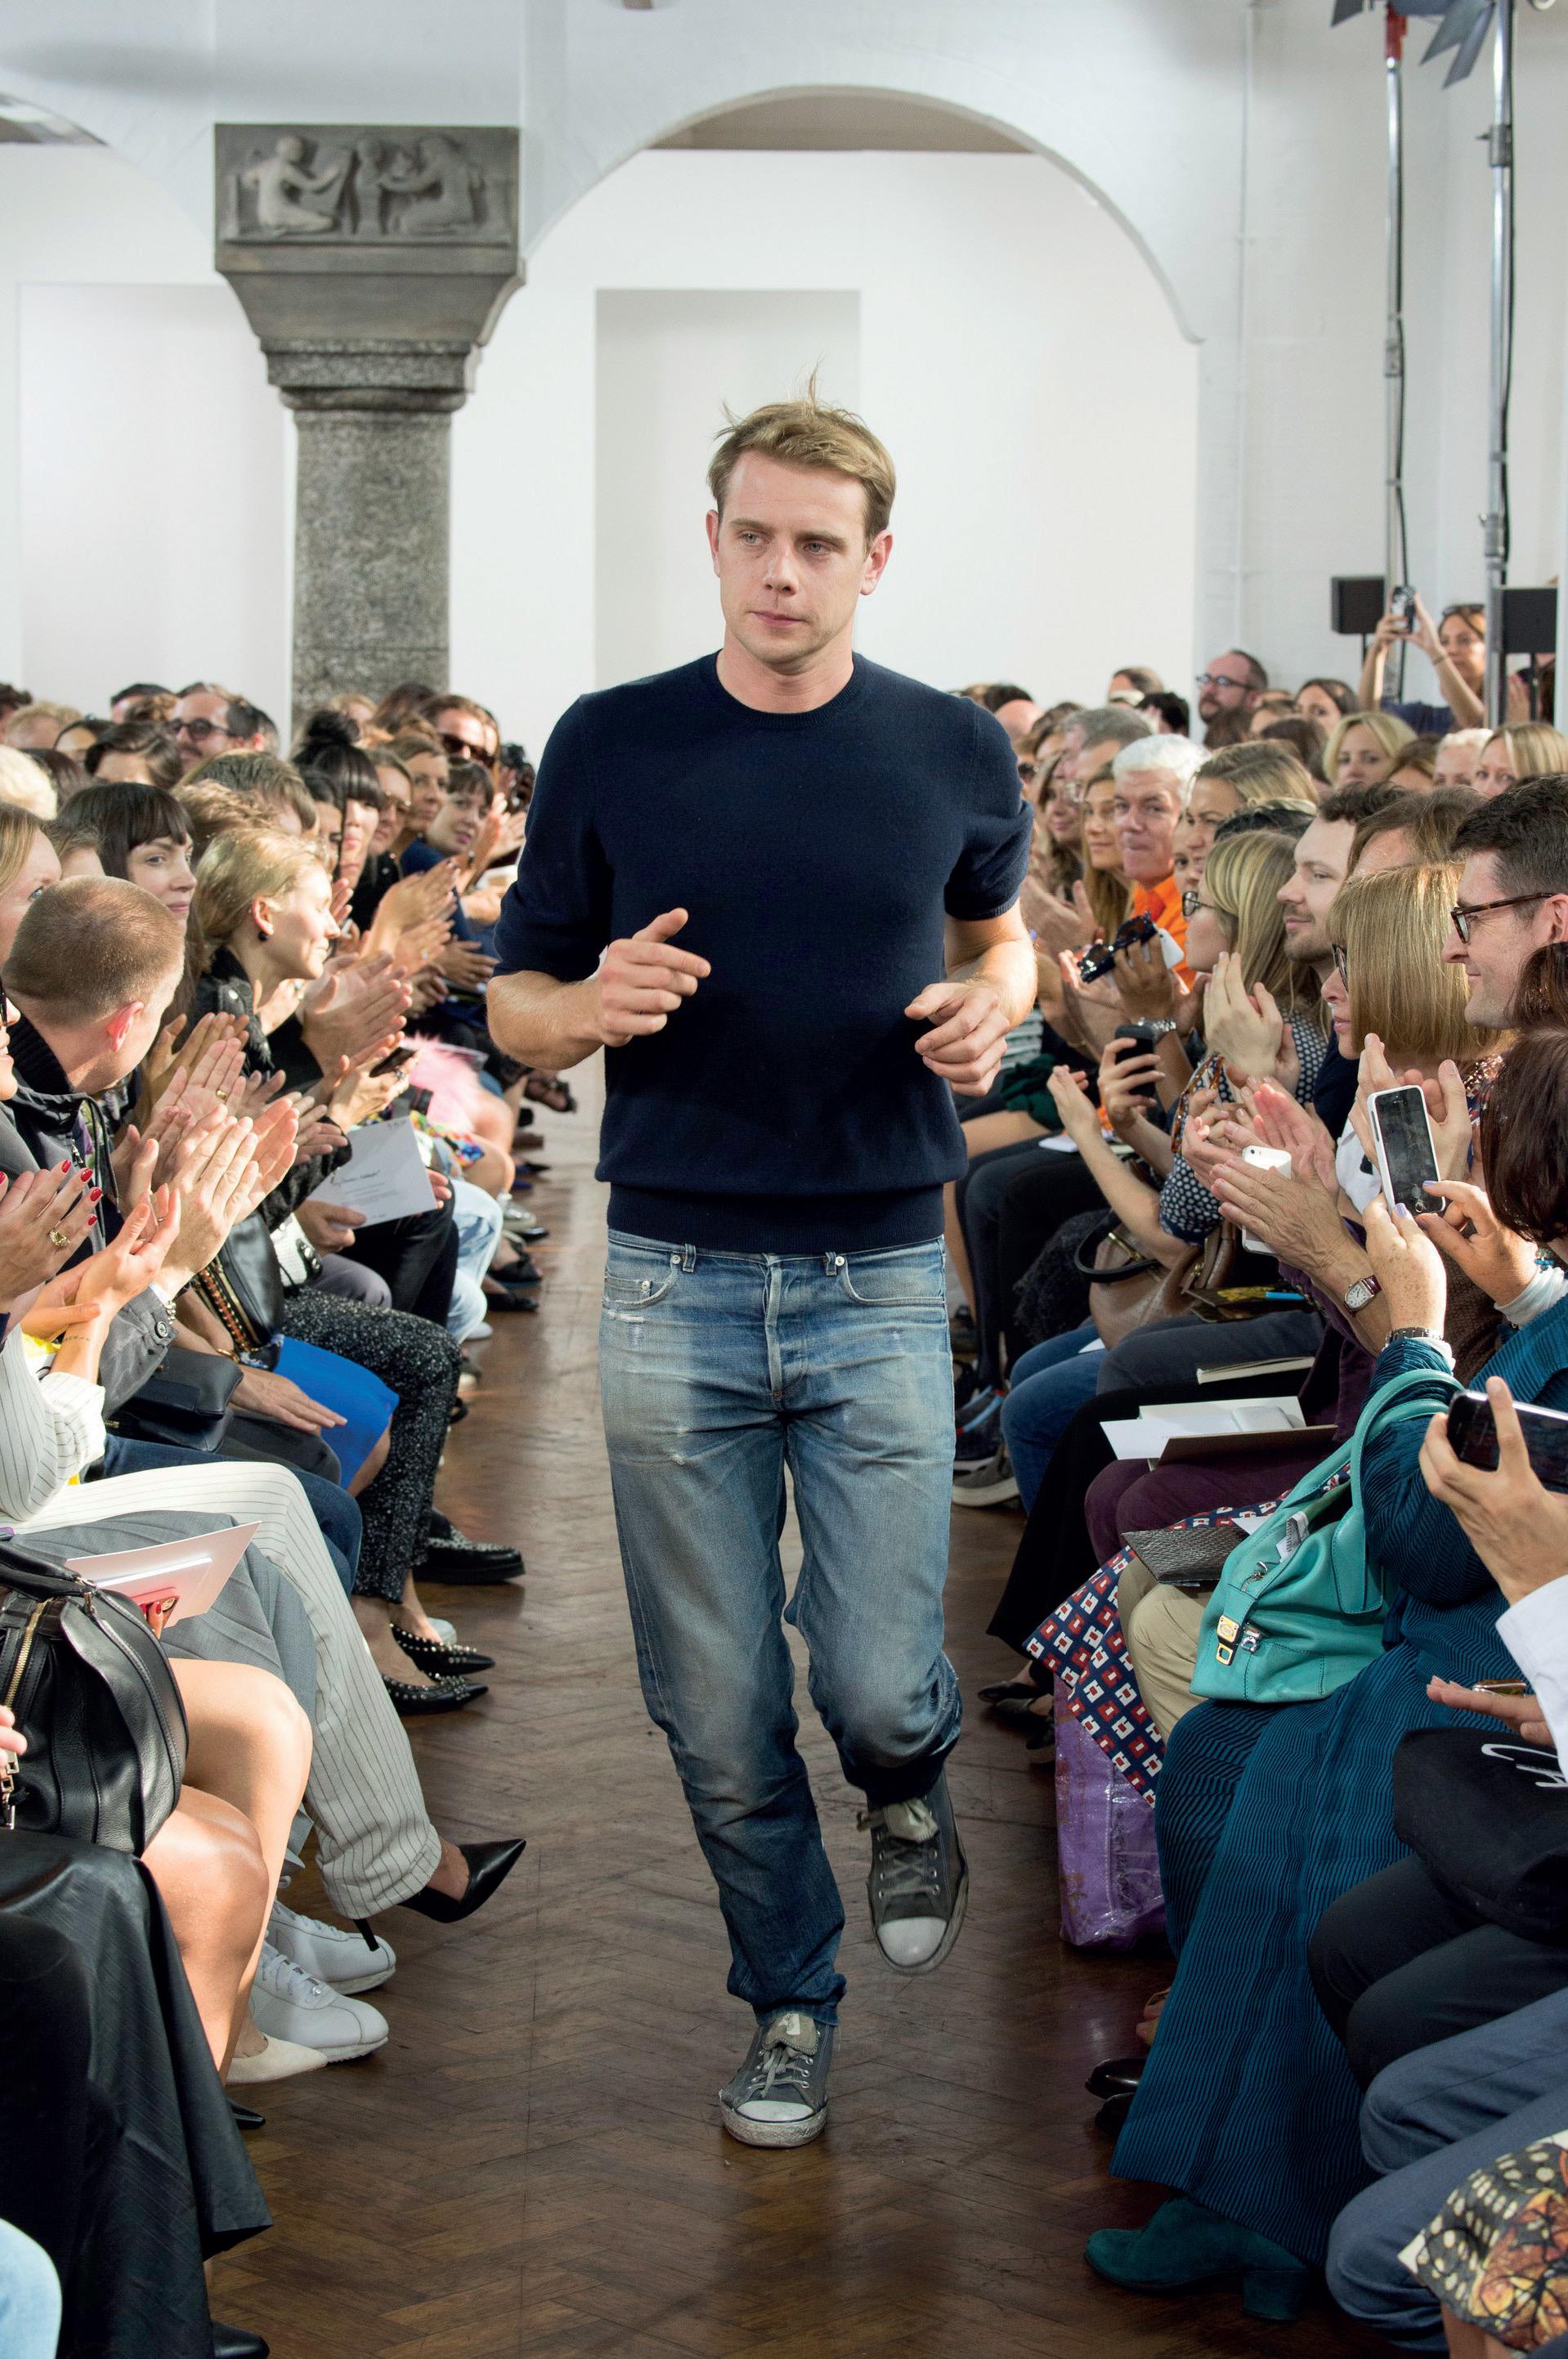 Nhà thiết kế thời trang Jonathan Anderson